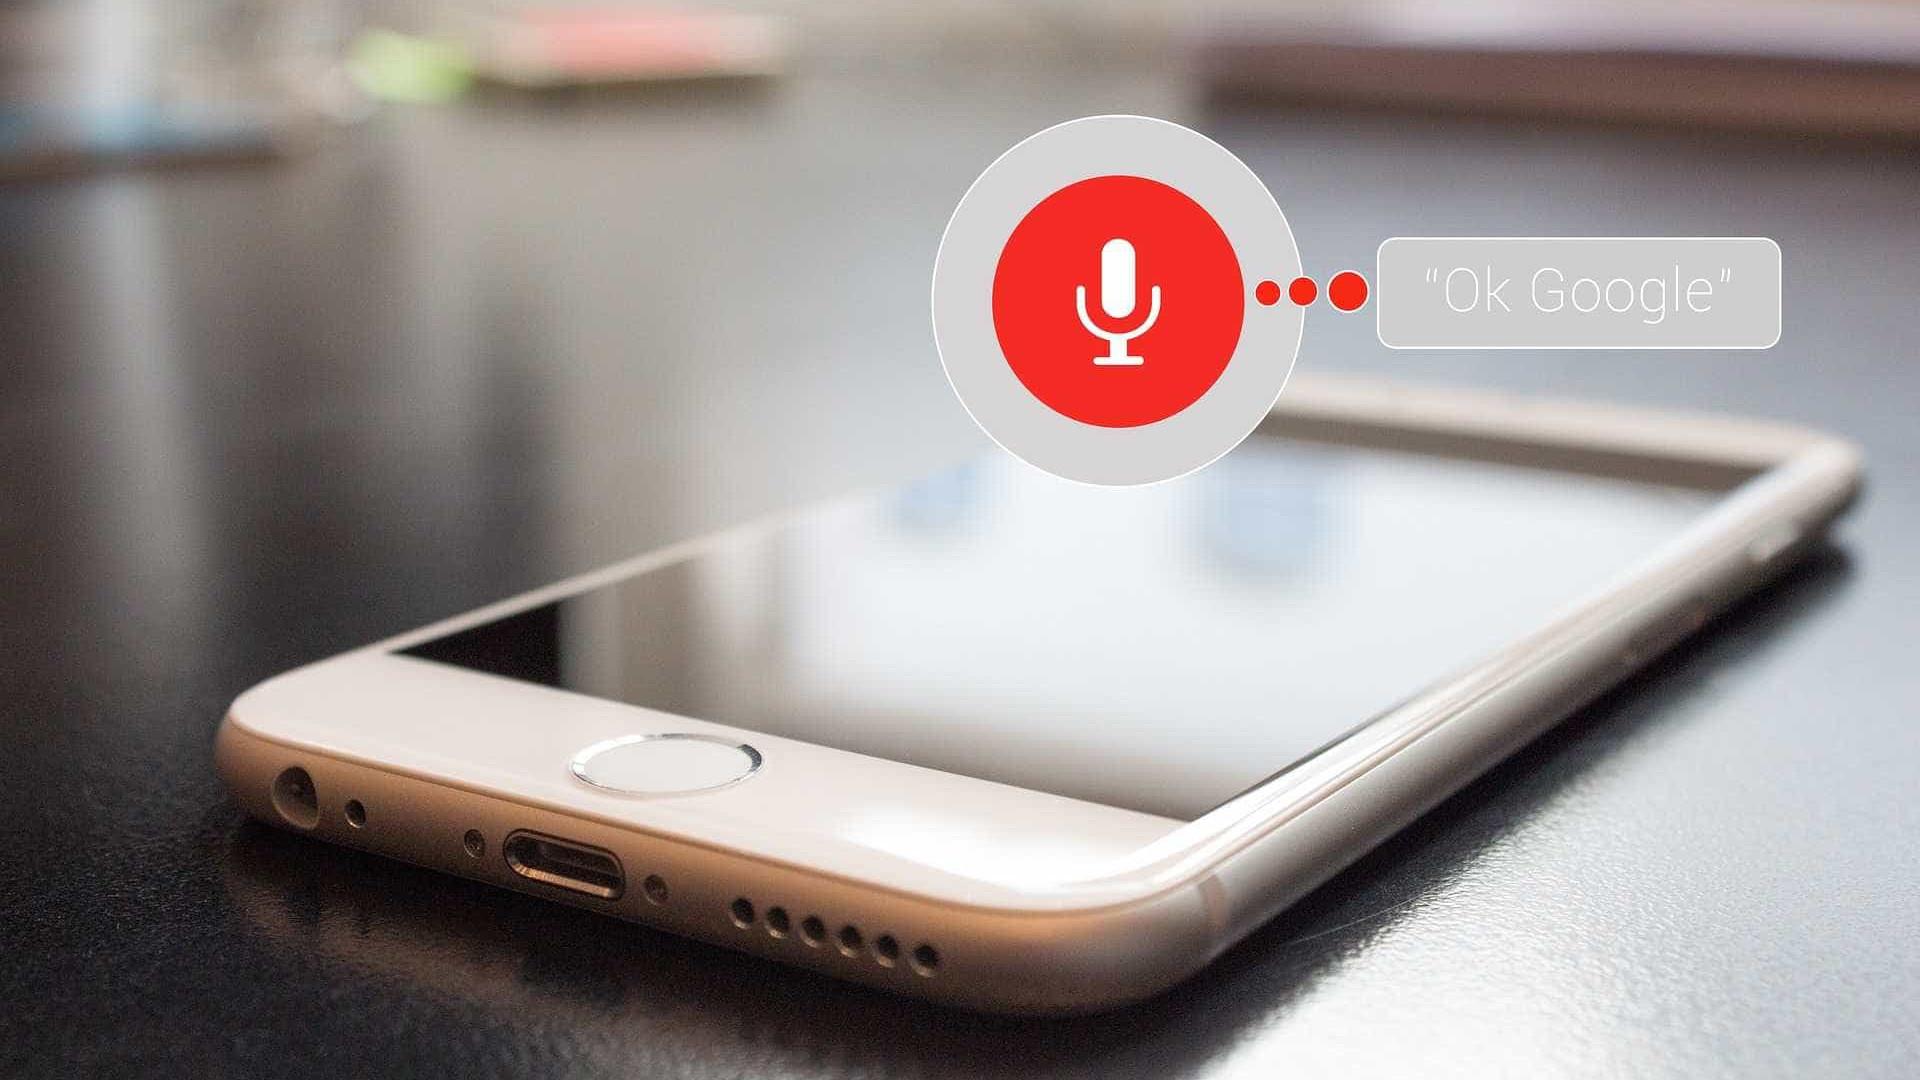 Android libera assistente de voz em português para todos os celulares